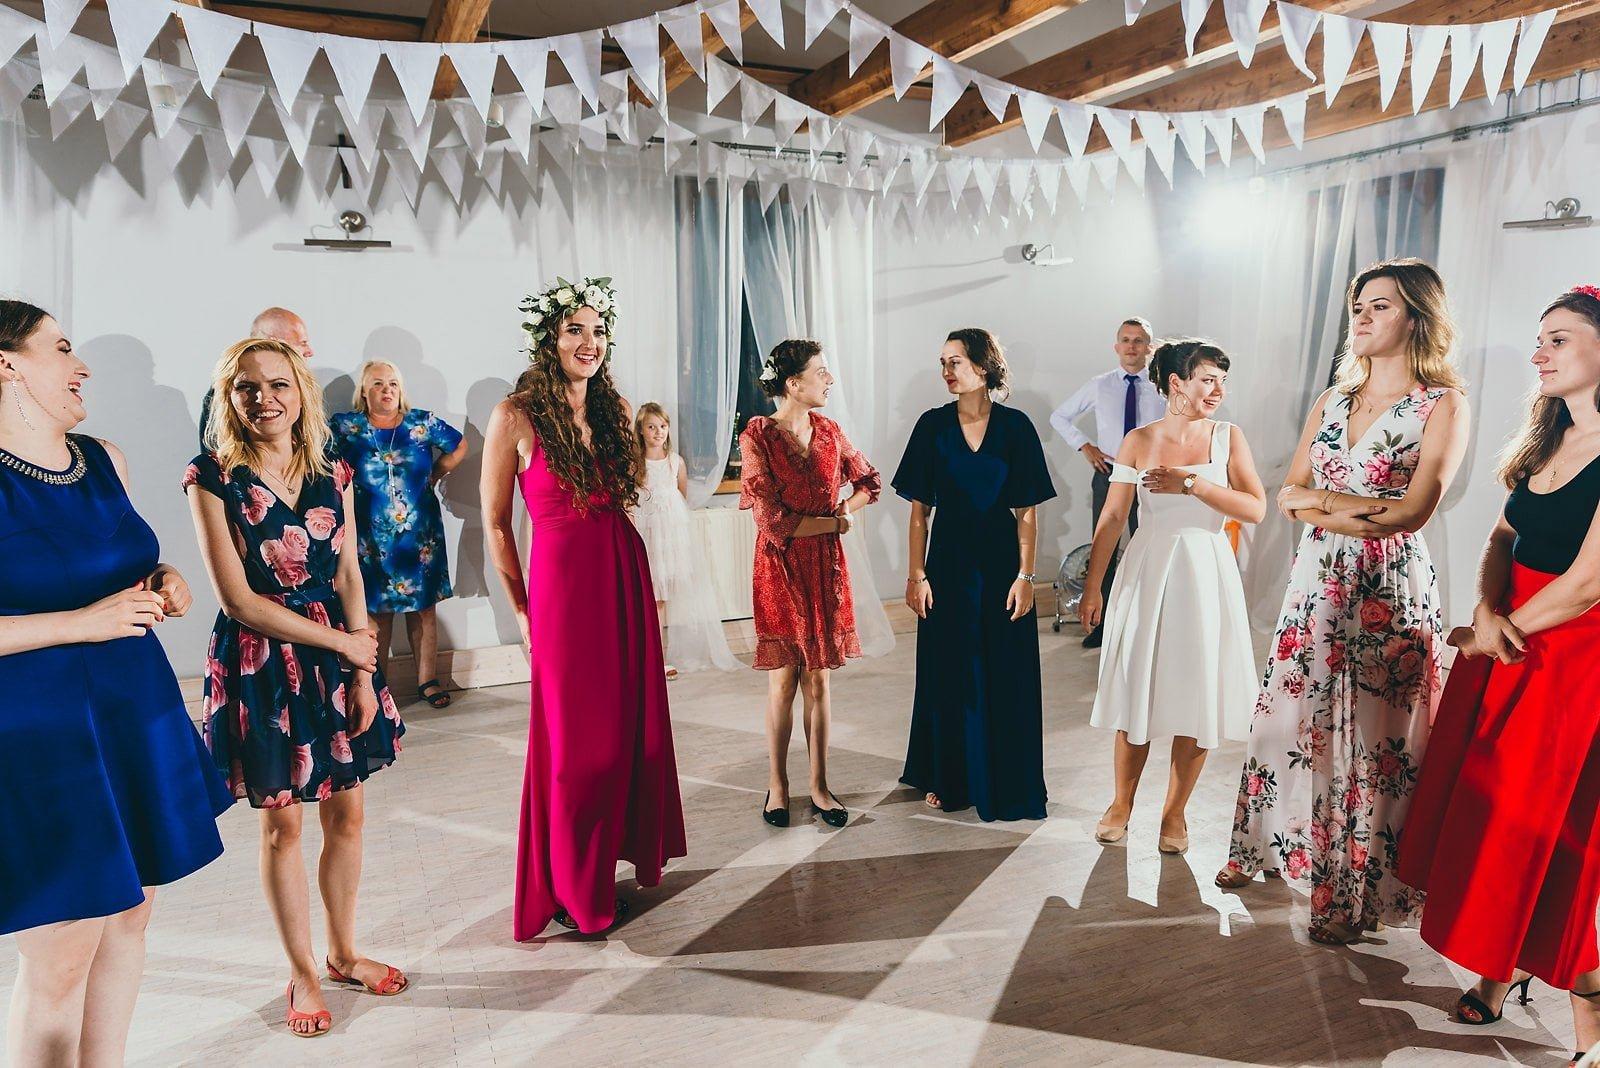 Justyna i Szymon - plenerowy ślub w stylu boho 116